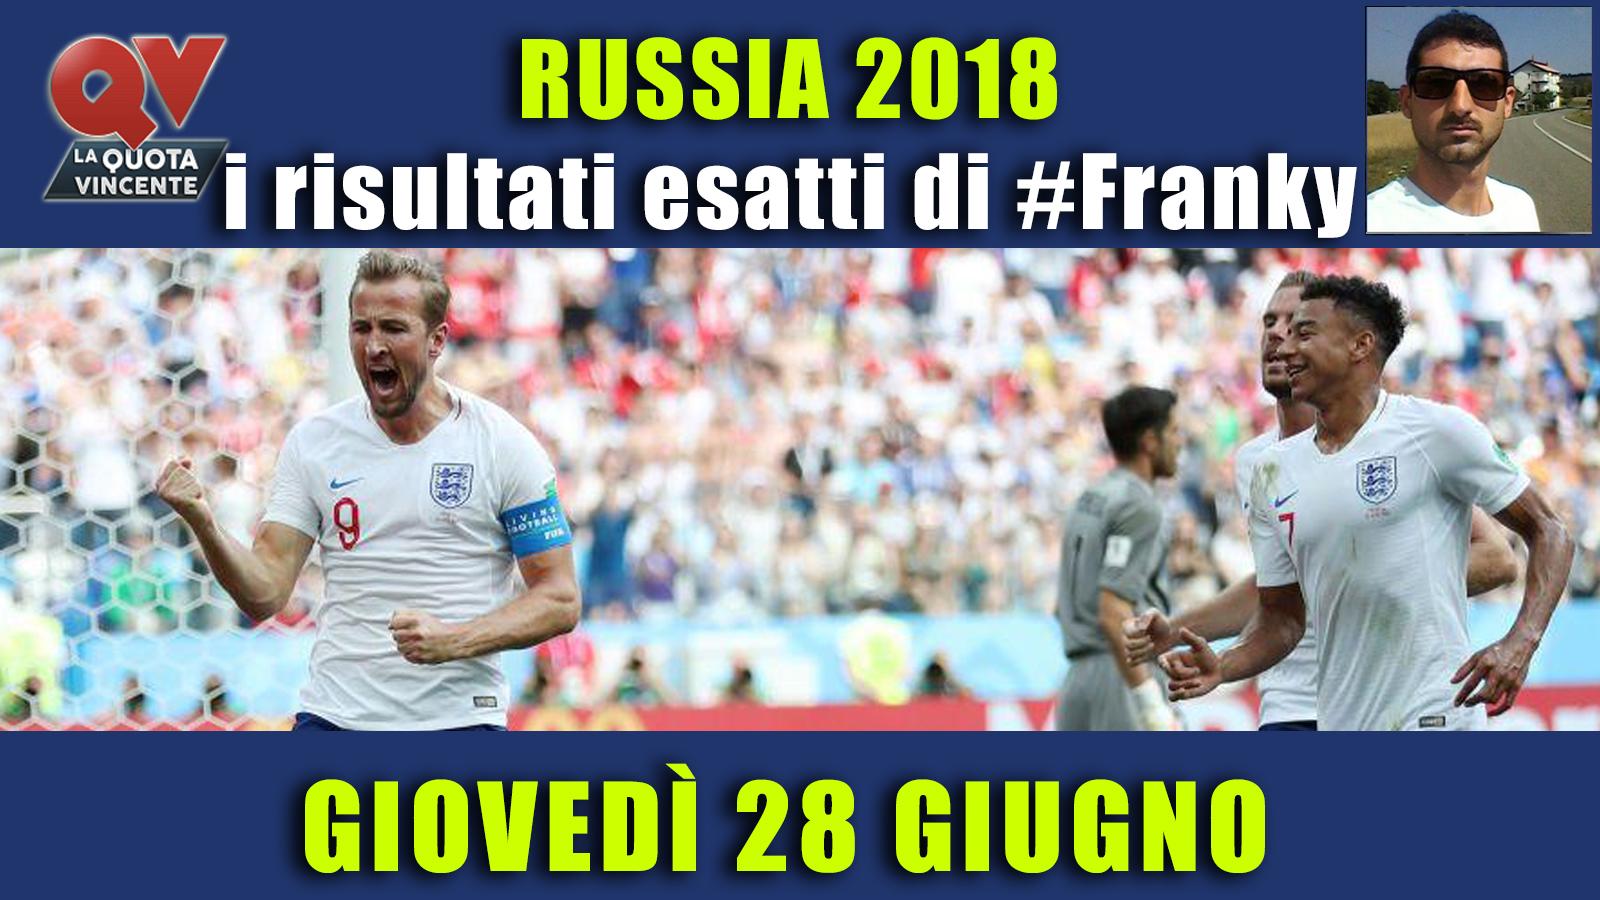 Pronostici risultati esatti Mondiali 28 giugno: le scelte di #FrankyDefa